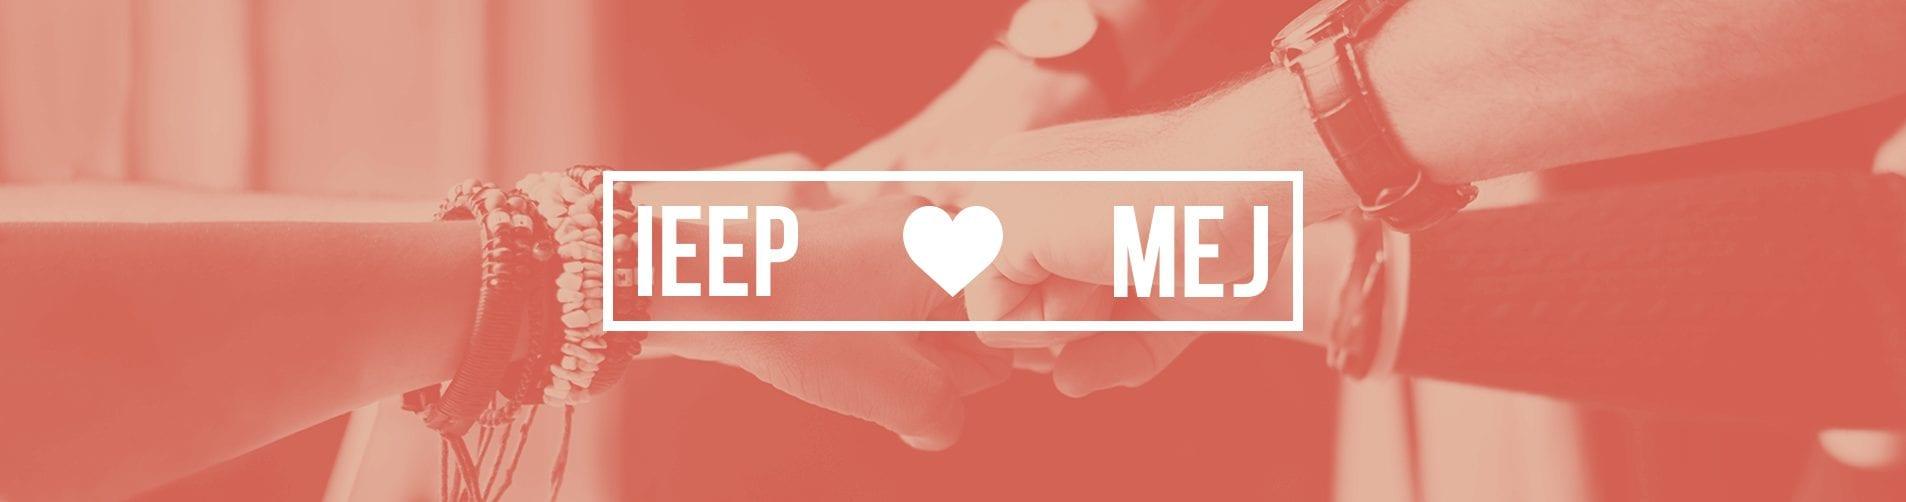 Mãos em conjunto mostrando parceria e o texto IEEP s2 MEJ